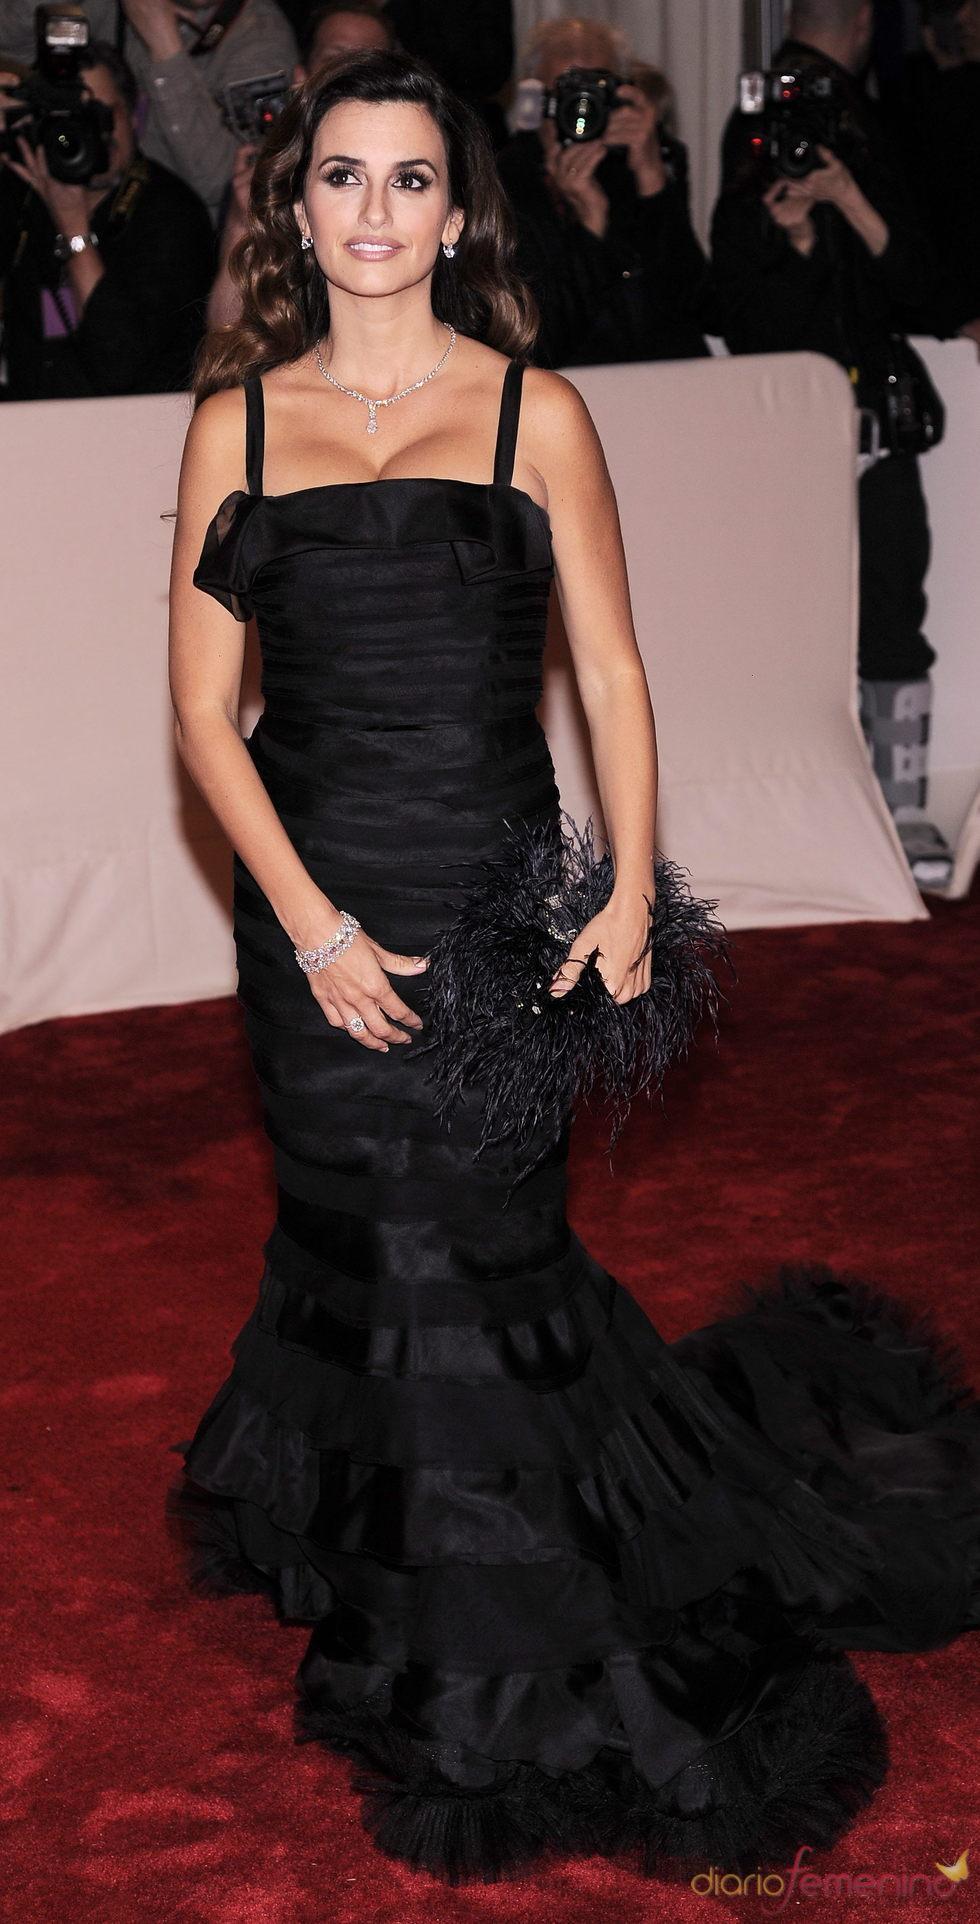 La actriz Penélope Cruz vestida de negro